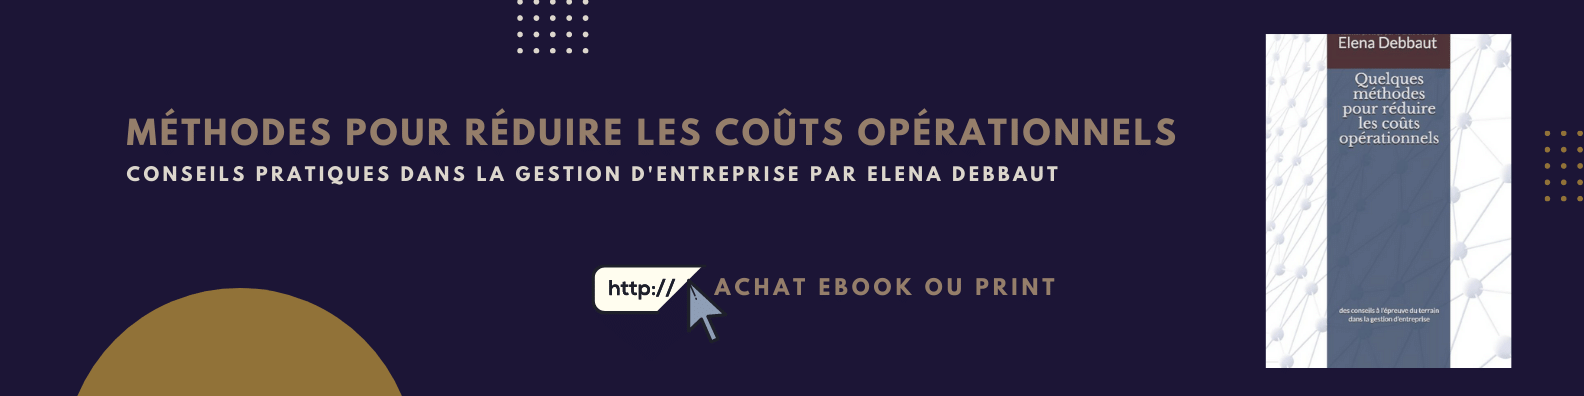 Elena Debbaut: conseils et quelques méthodes pour réduire les coûts opérationnels dans une entreprise en difficulté